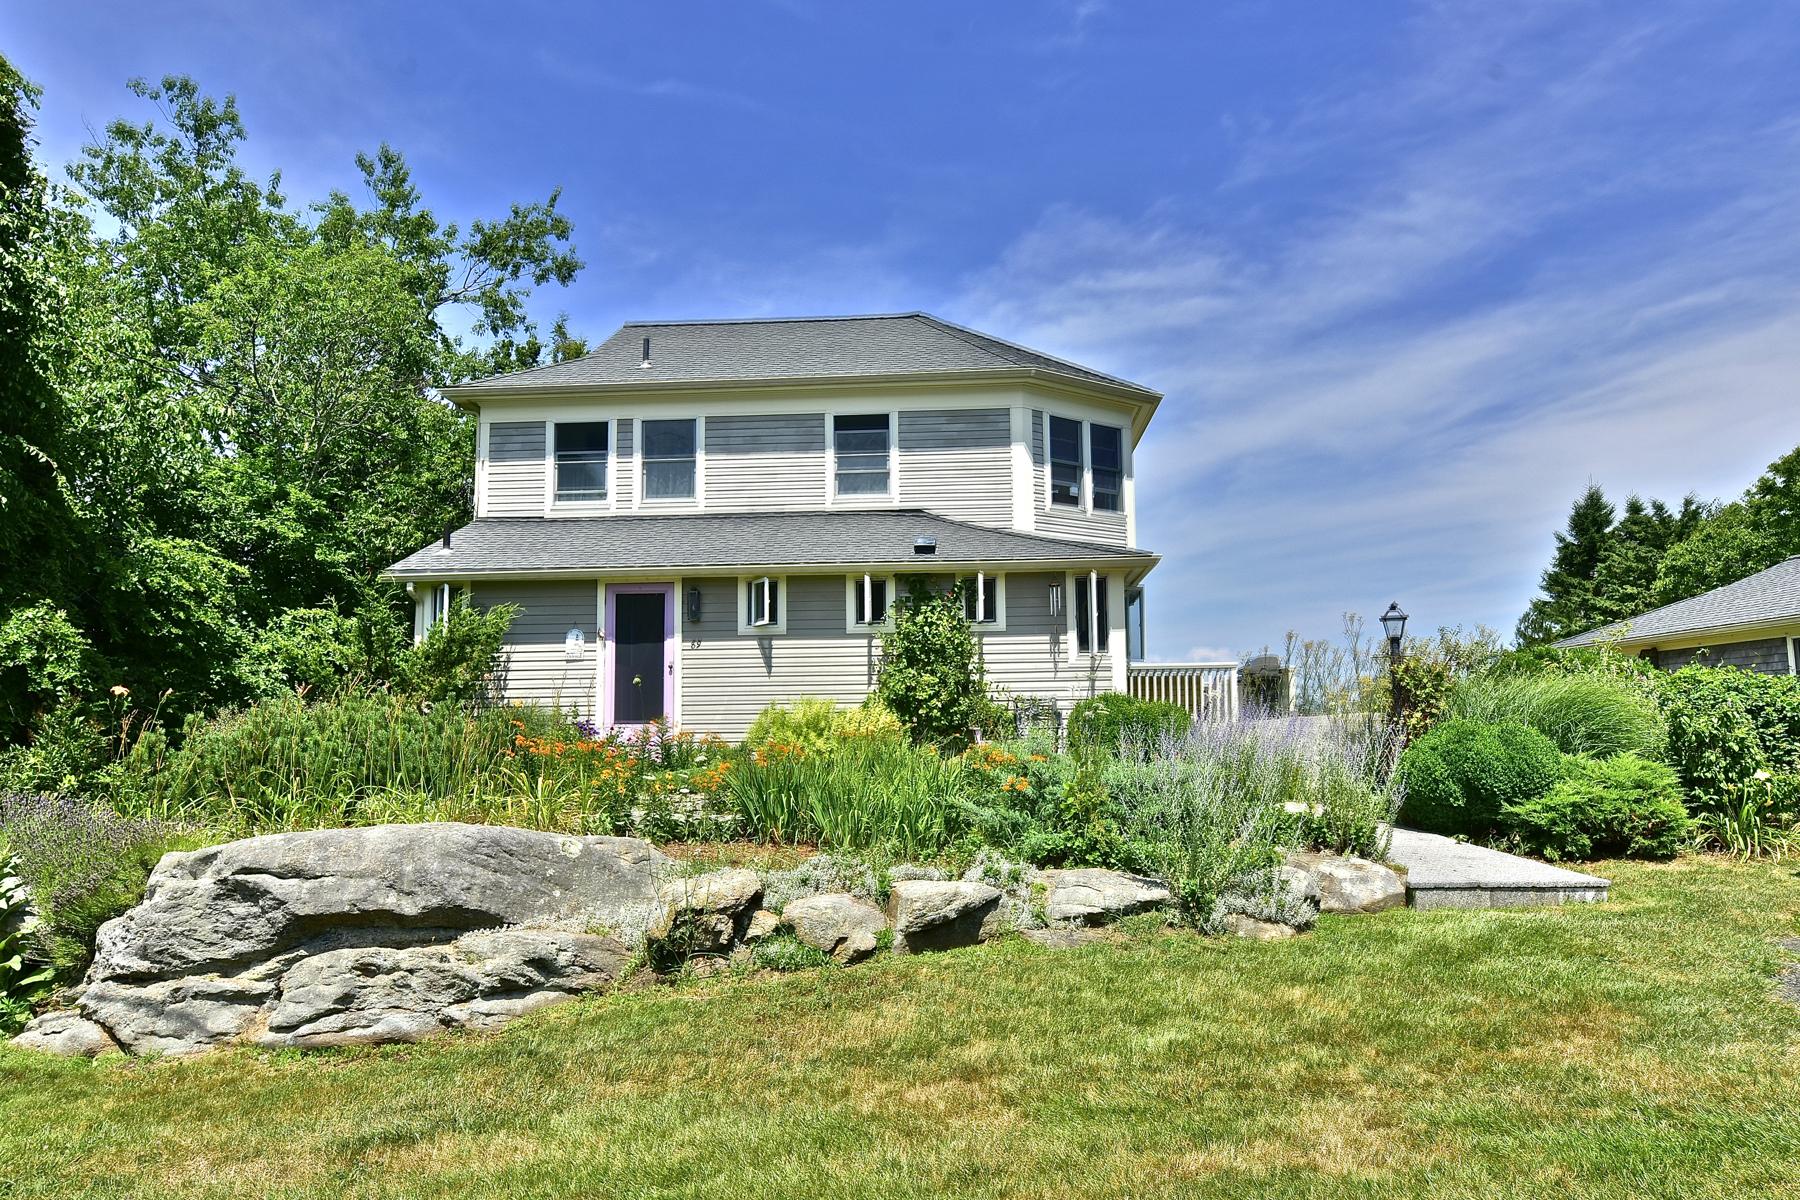 Casa Unifamiliar por un Venta en 89 Marshall Ave Guilford, Connecticut, 06437 Estados Unidos